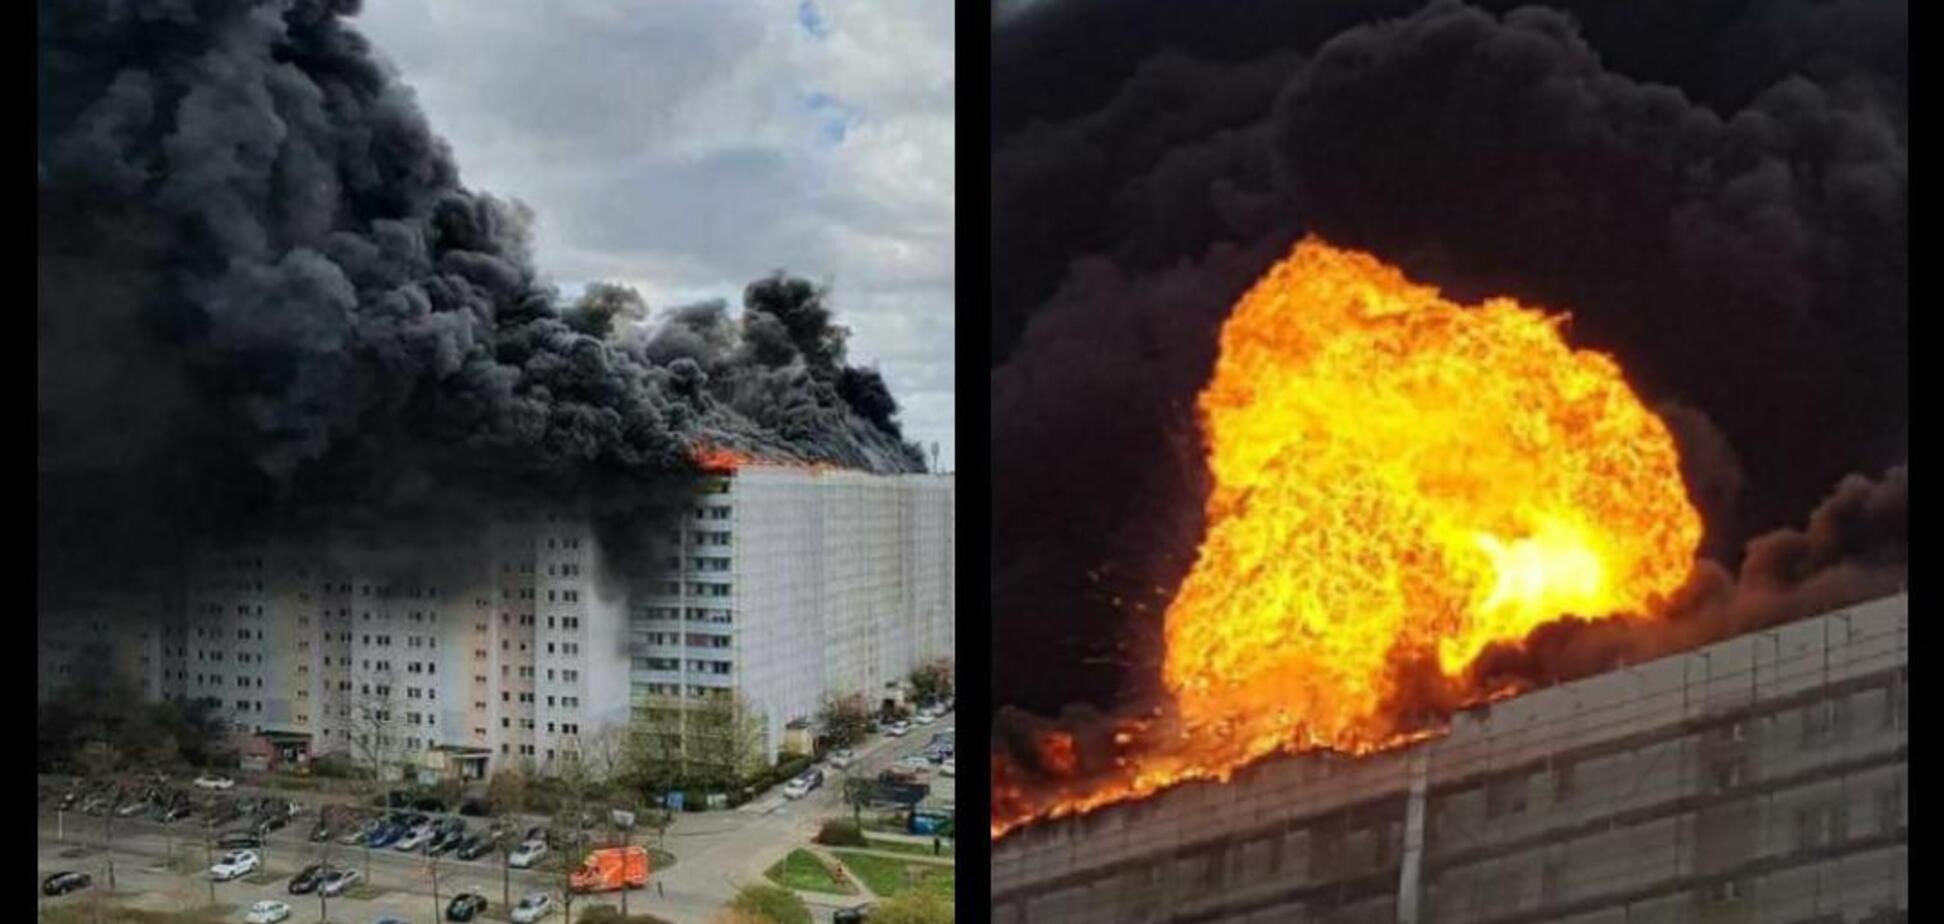 В Берлине пожар охватил высотные дома. Фото и видео